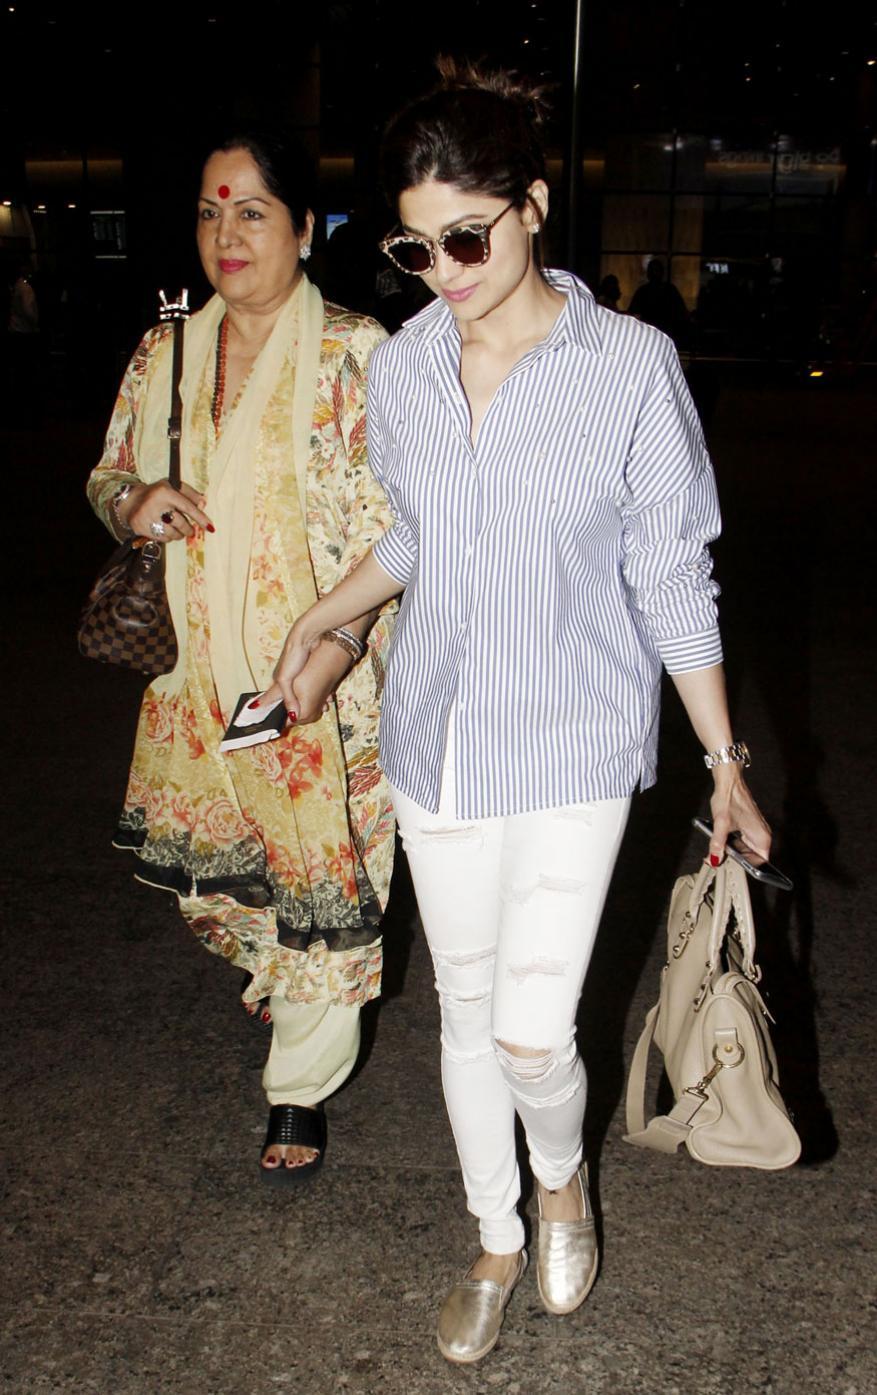 सुनंदा शेट्टी आणि शमिता शेट्टी (फोटो- योगेन शहा)